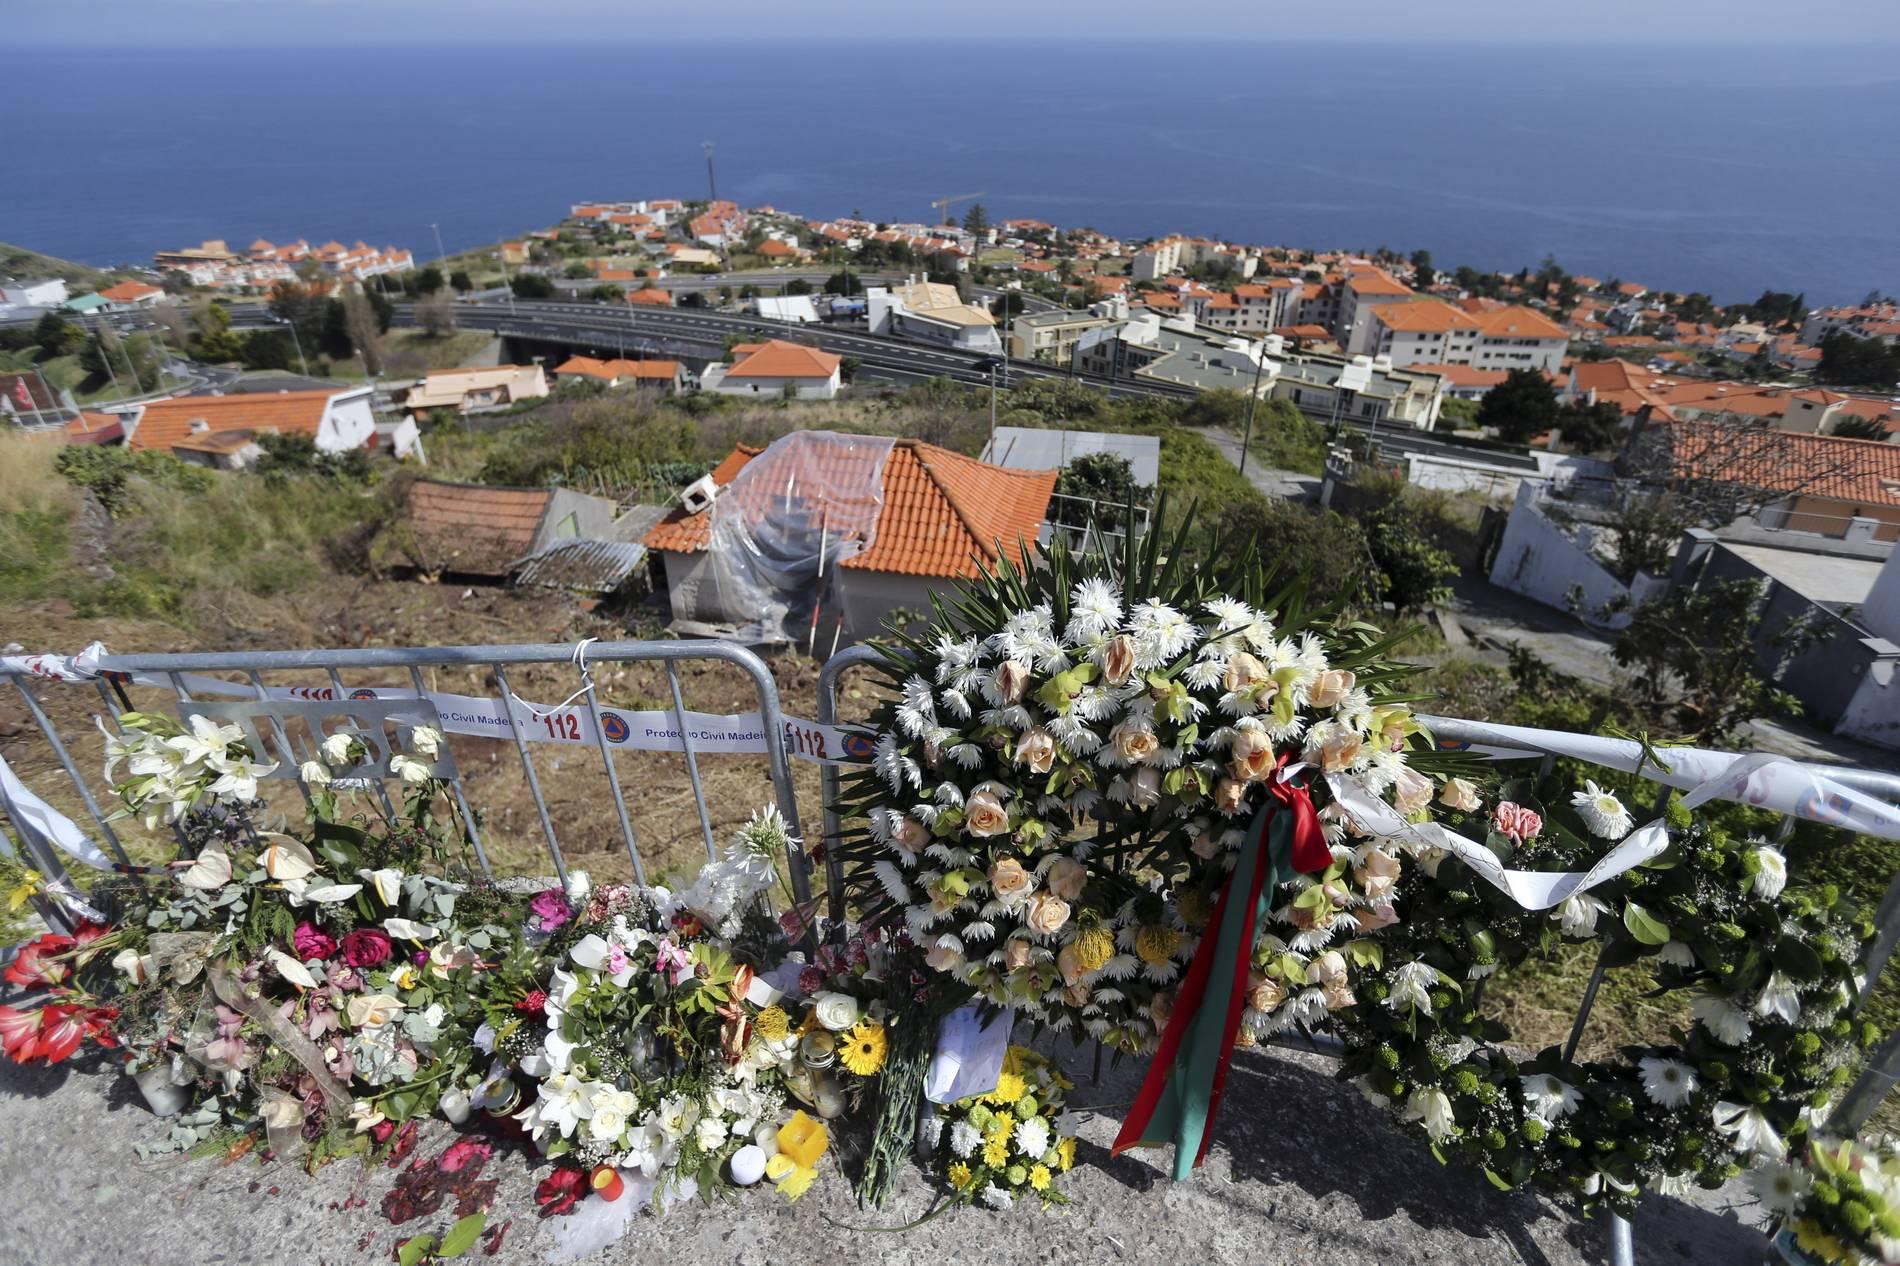 Madeira: Busunglück mit 29 Toten: Viele Opfer aus NRW - auch aus Köln